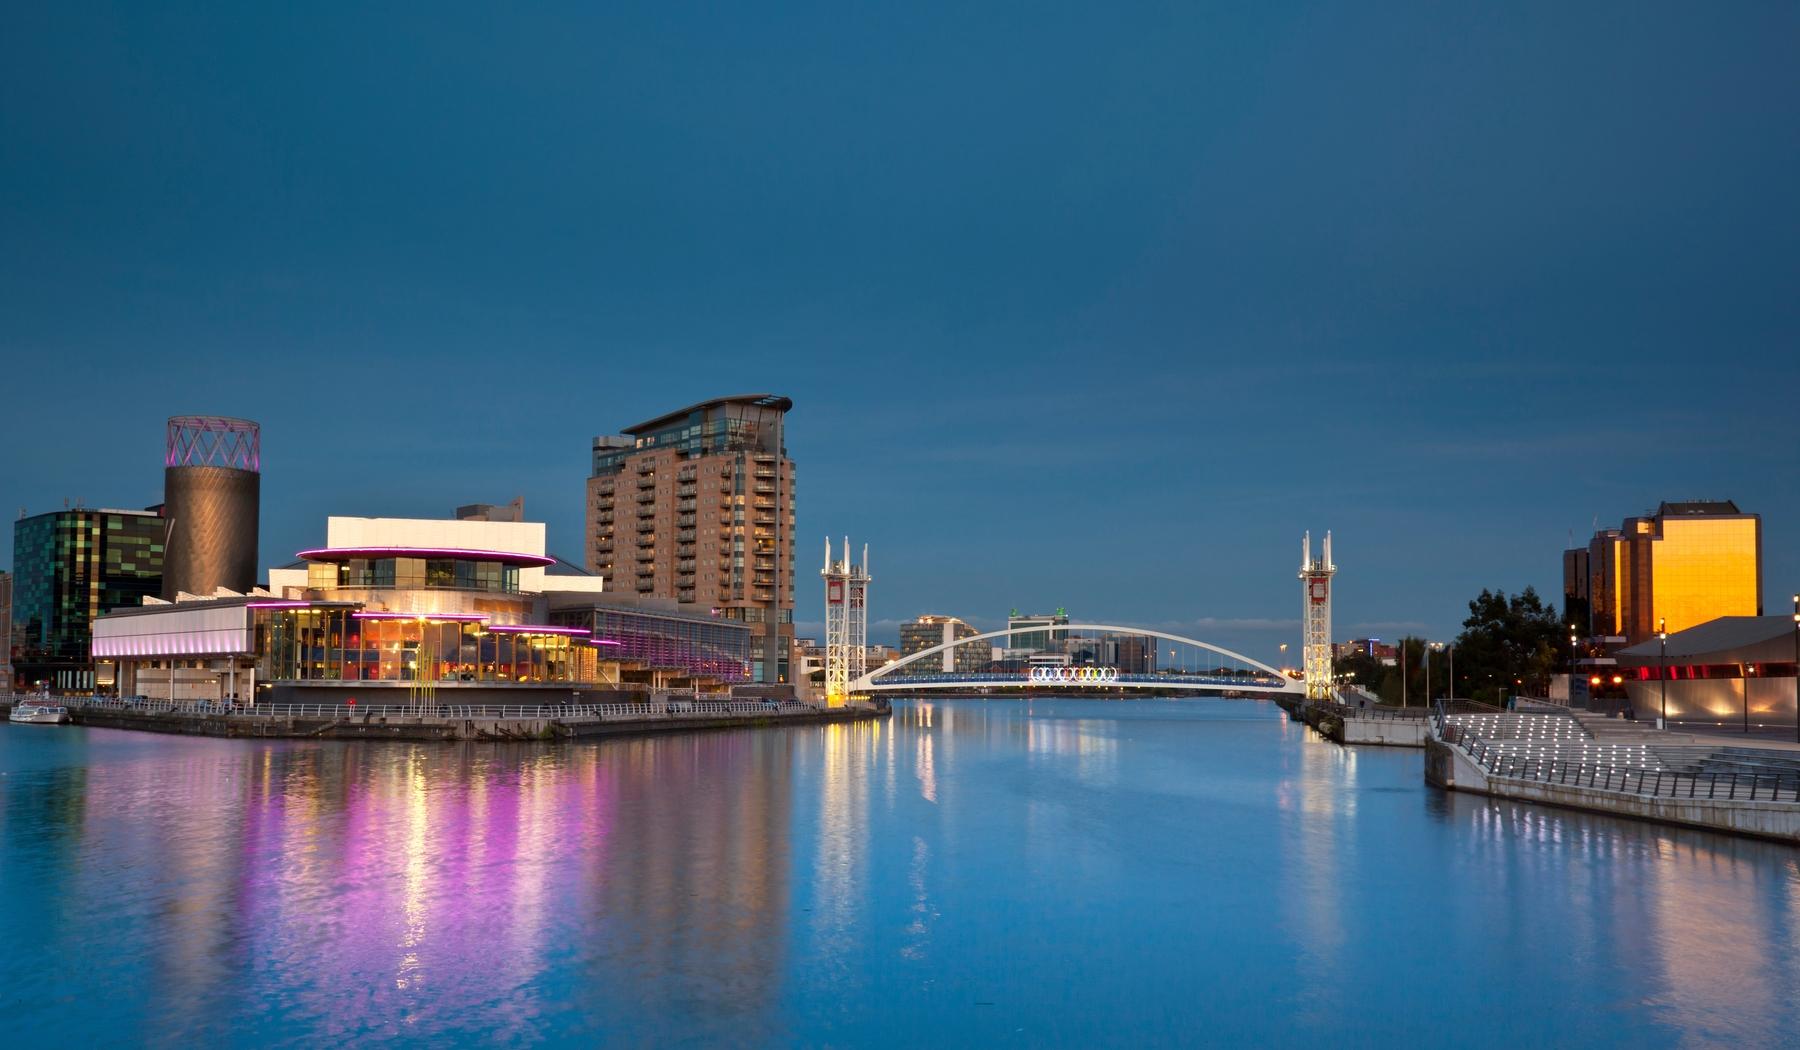 Millennium Bridge in Manchester at night